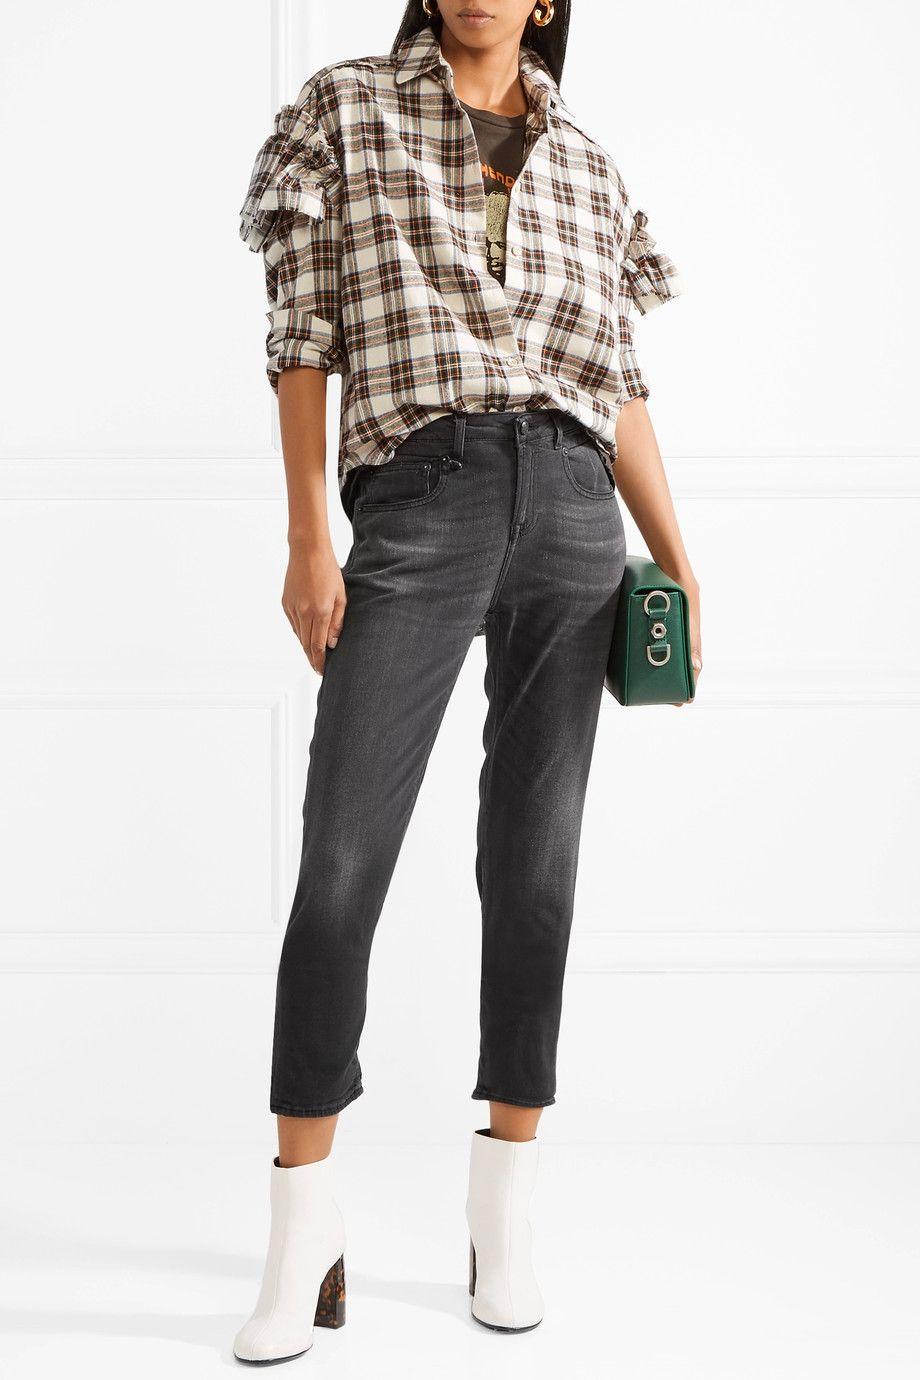 Boy Slouch Cropped Boyfriend Jeans - Black R13 8bYK5w